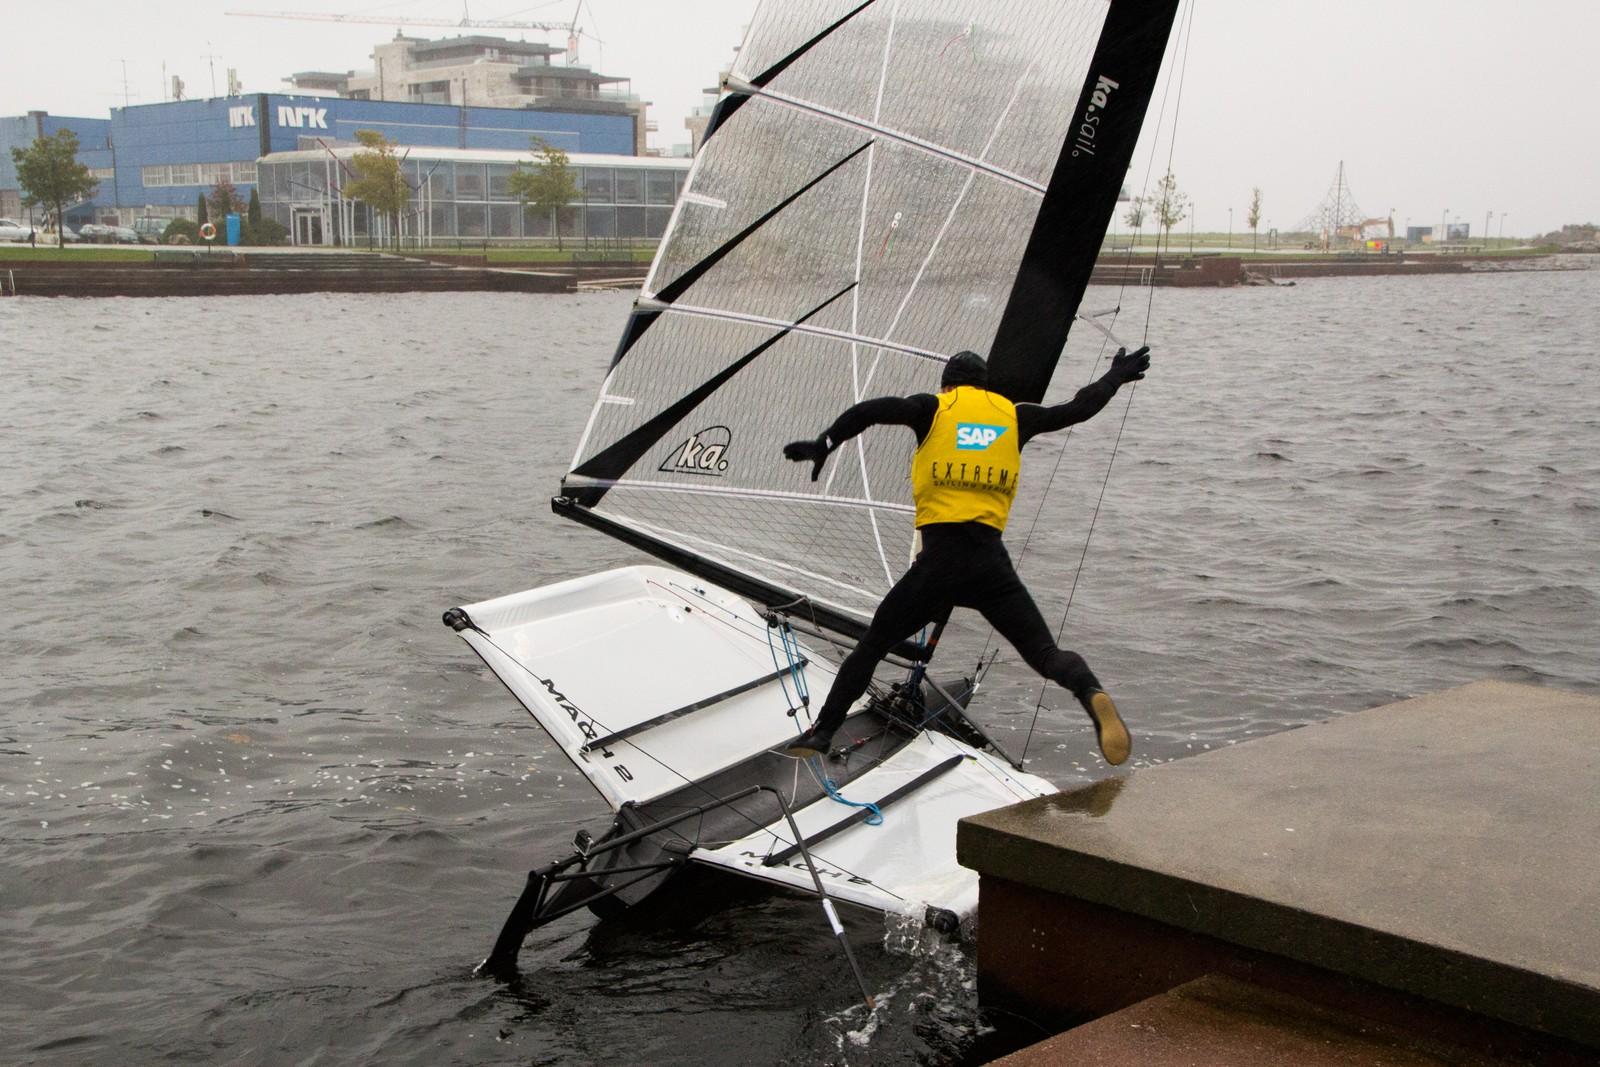 Når båten først er på vannet, er det bare å hive seg på.